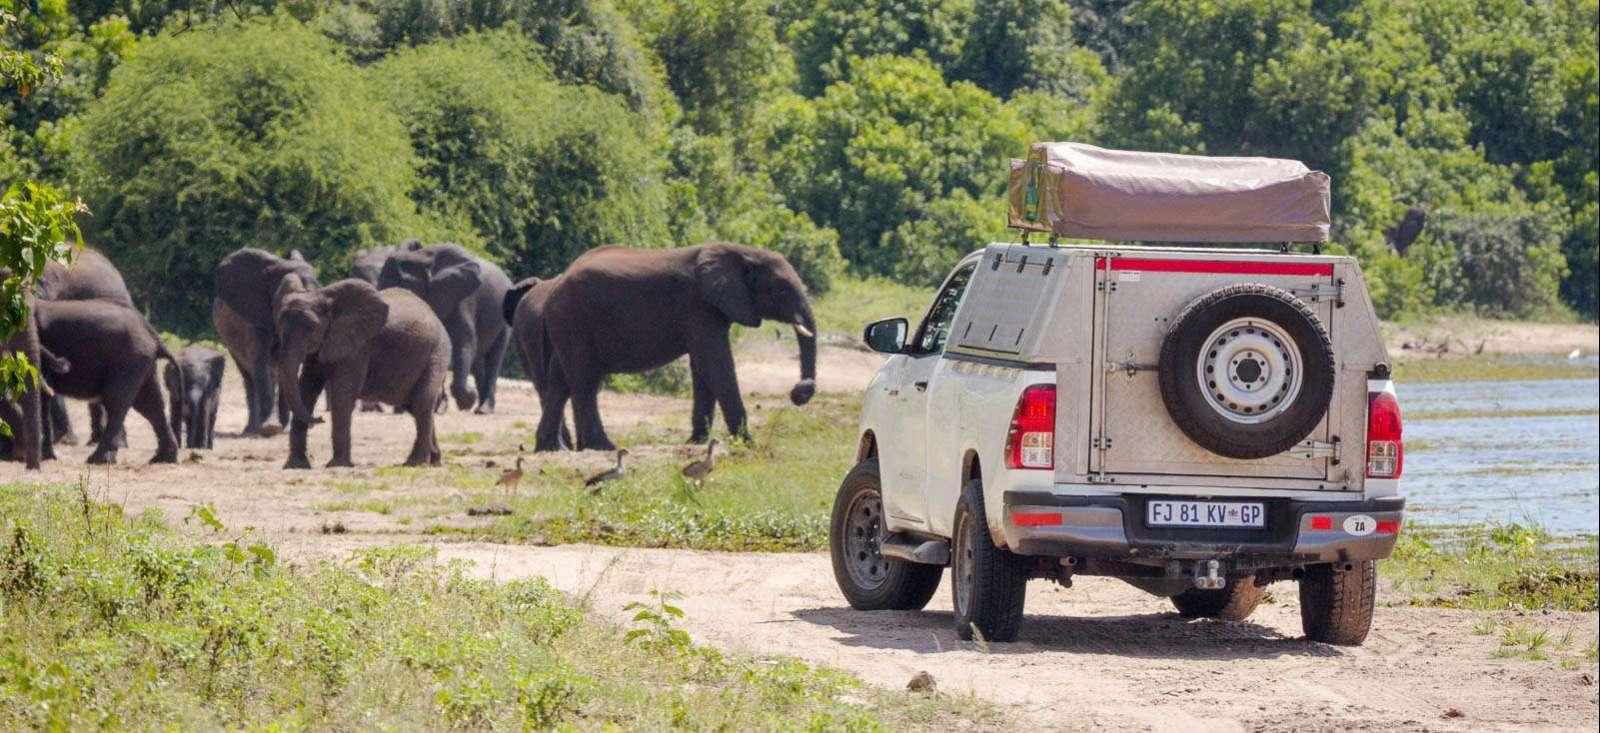 Voyage en véhicule : Randos, 4x4 & Rhinos dans le grand sud